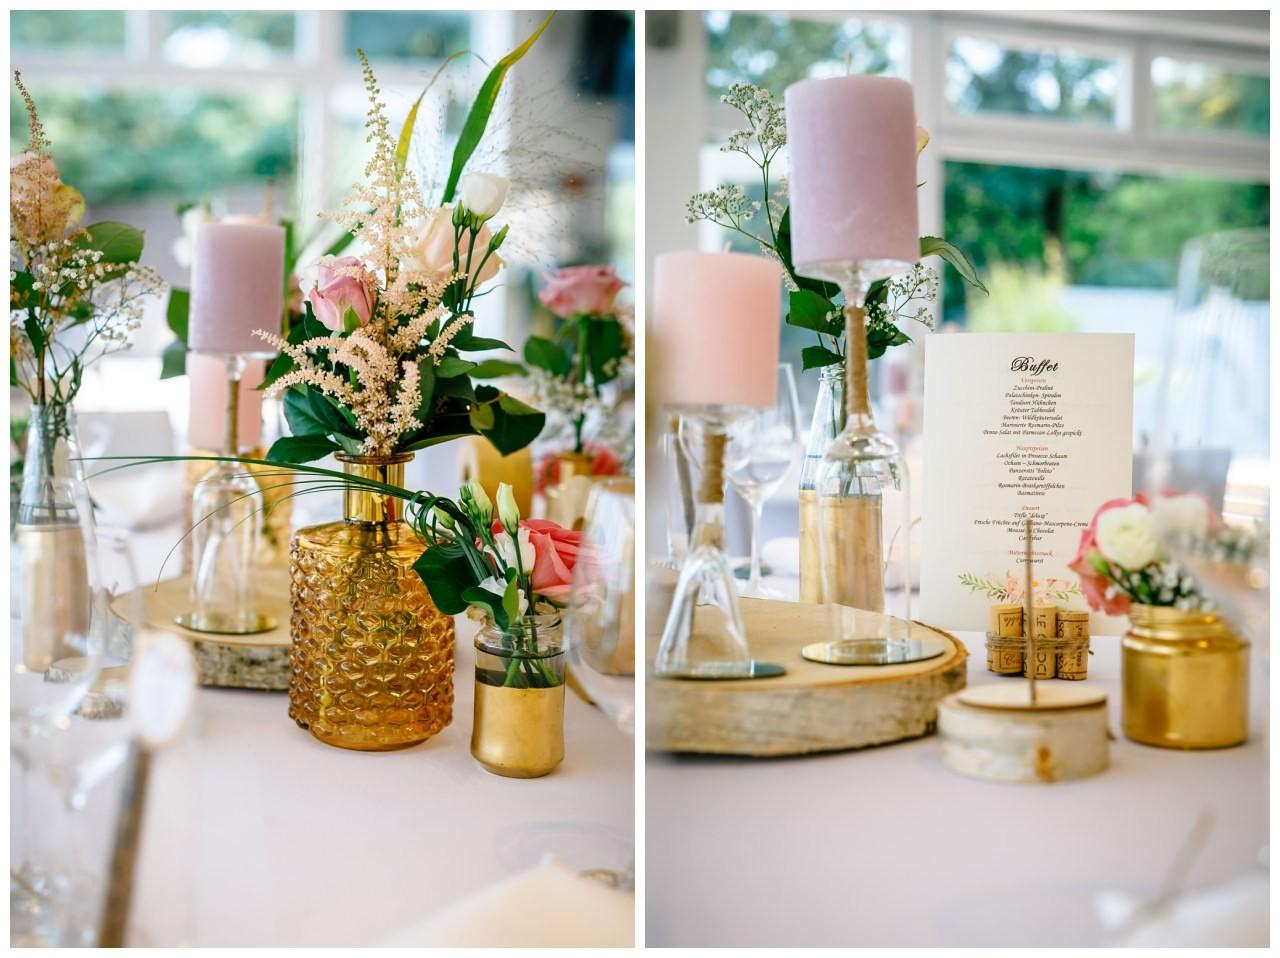 Tischdekoration zur Hochzeit im Seepavillon Fühlinger See in Köln.